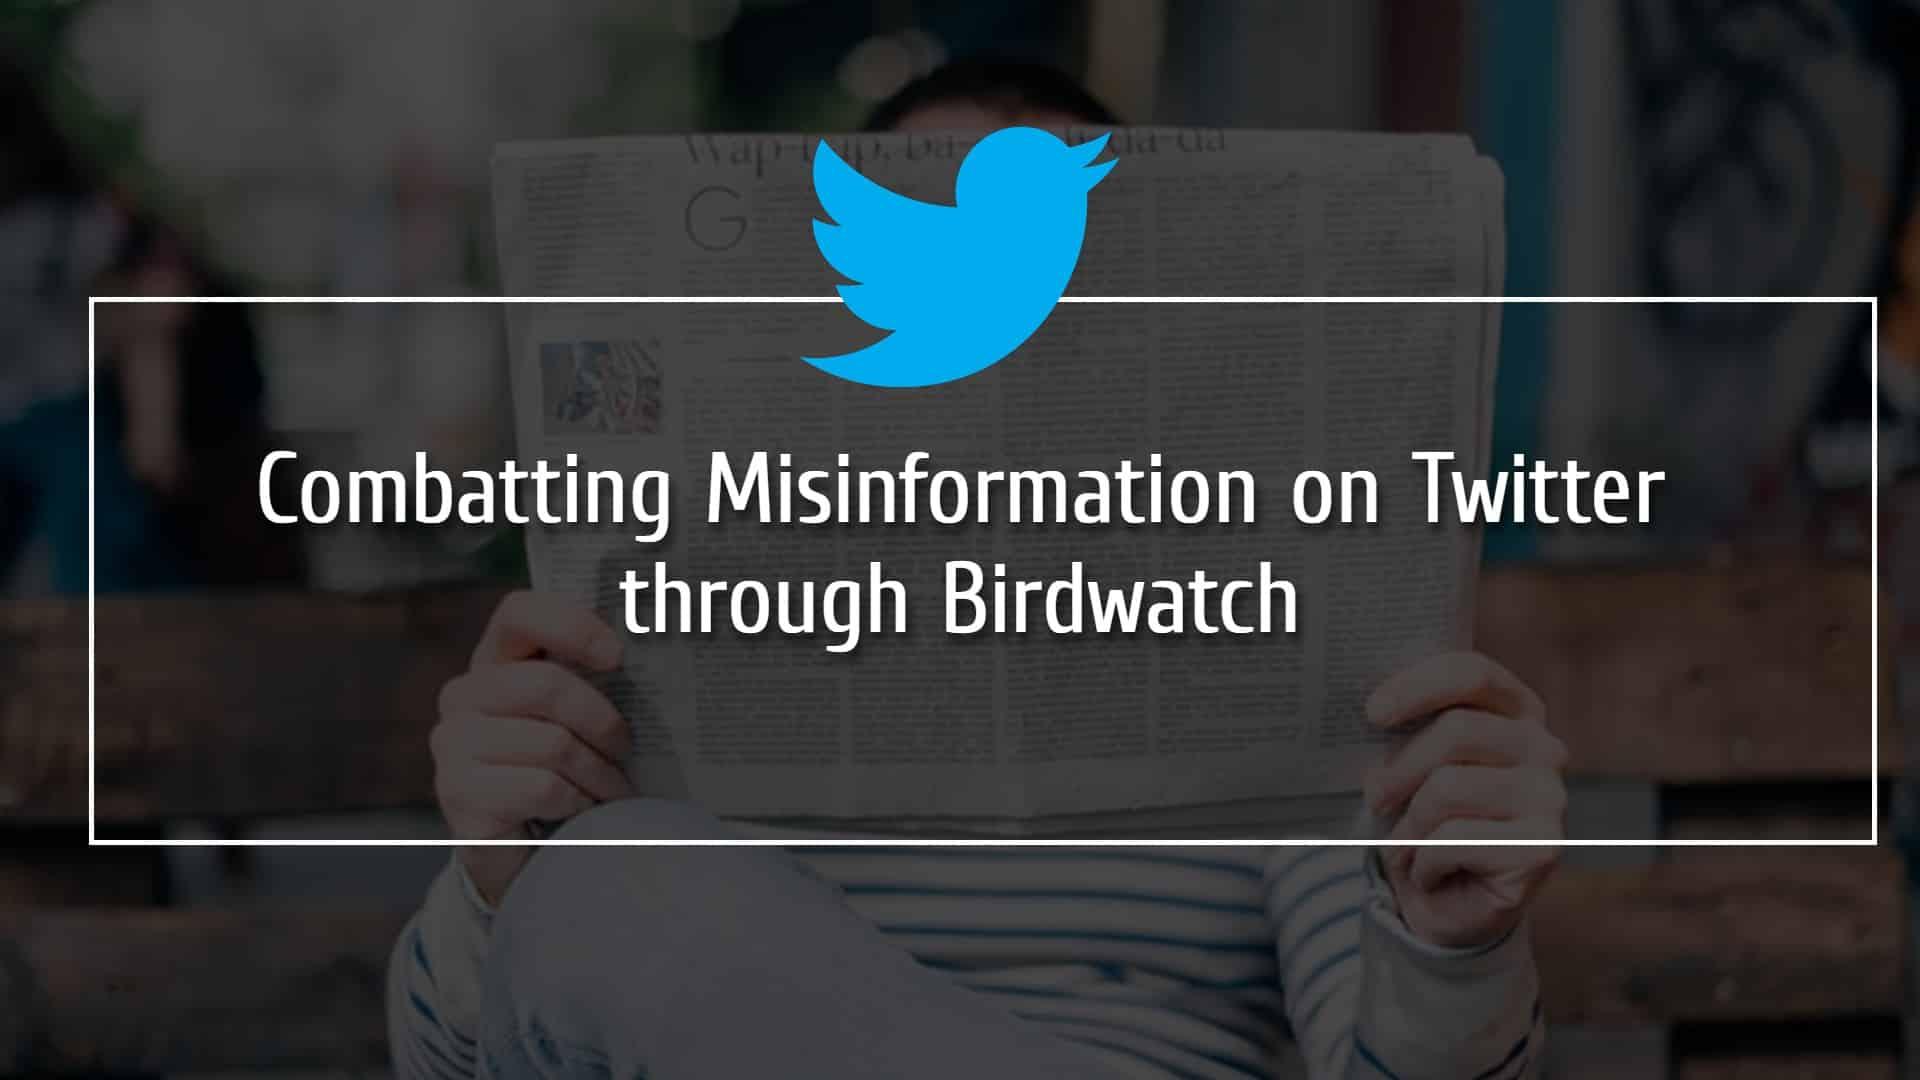 Combatting Misinformation on Twitter Through Birdwatch